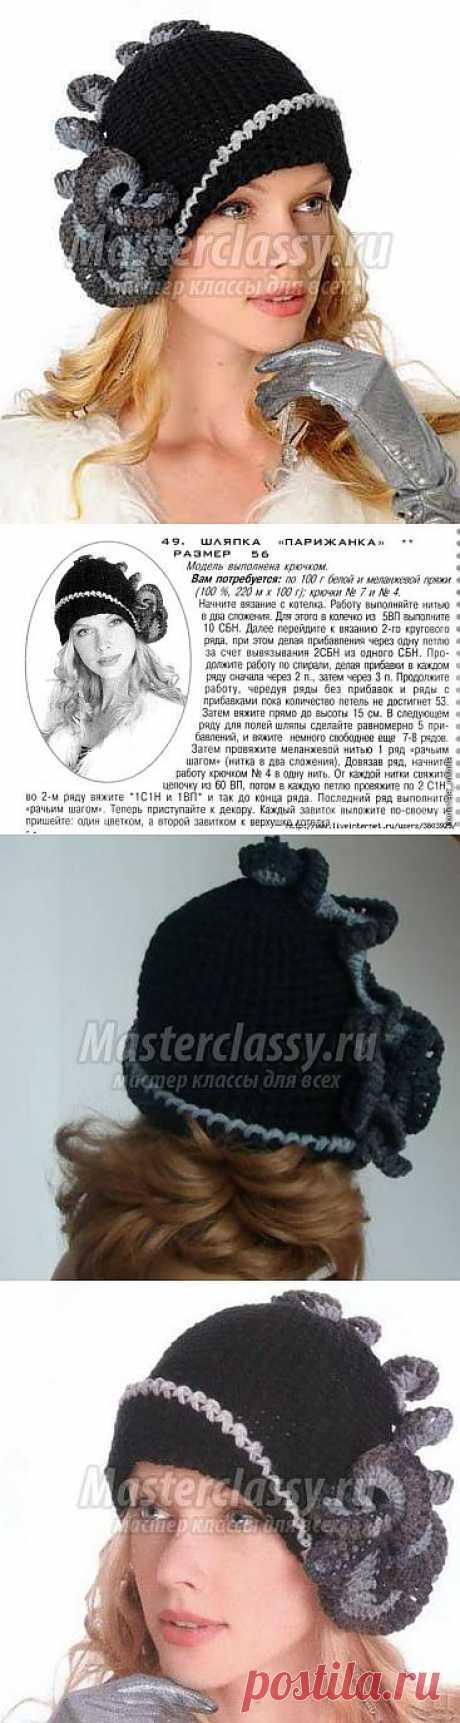 """Потрясающая шляпка """"Парижанка""""."""